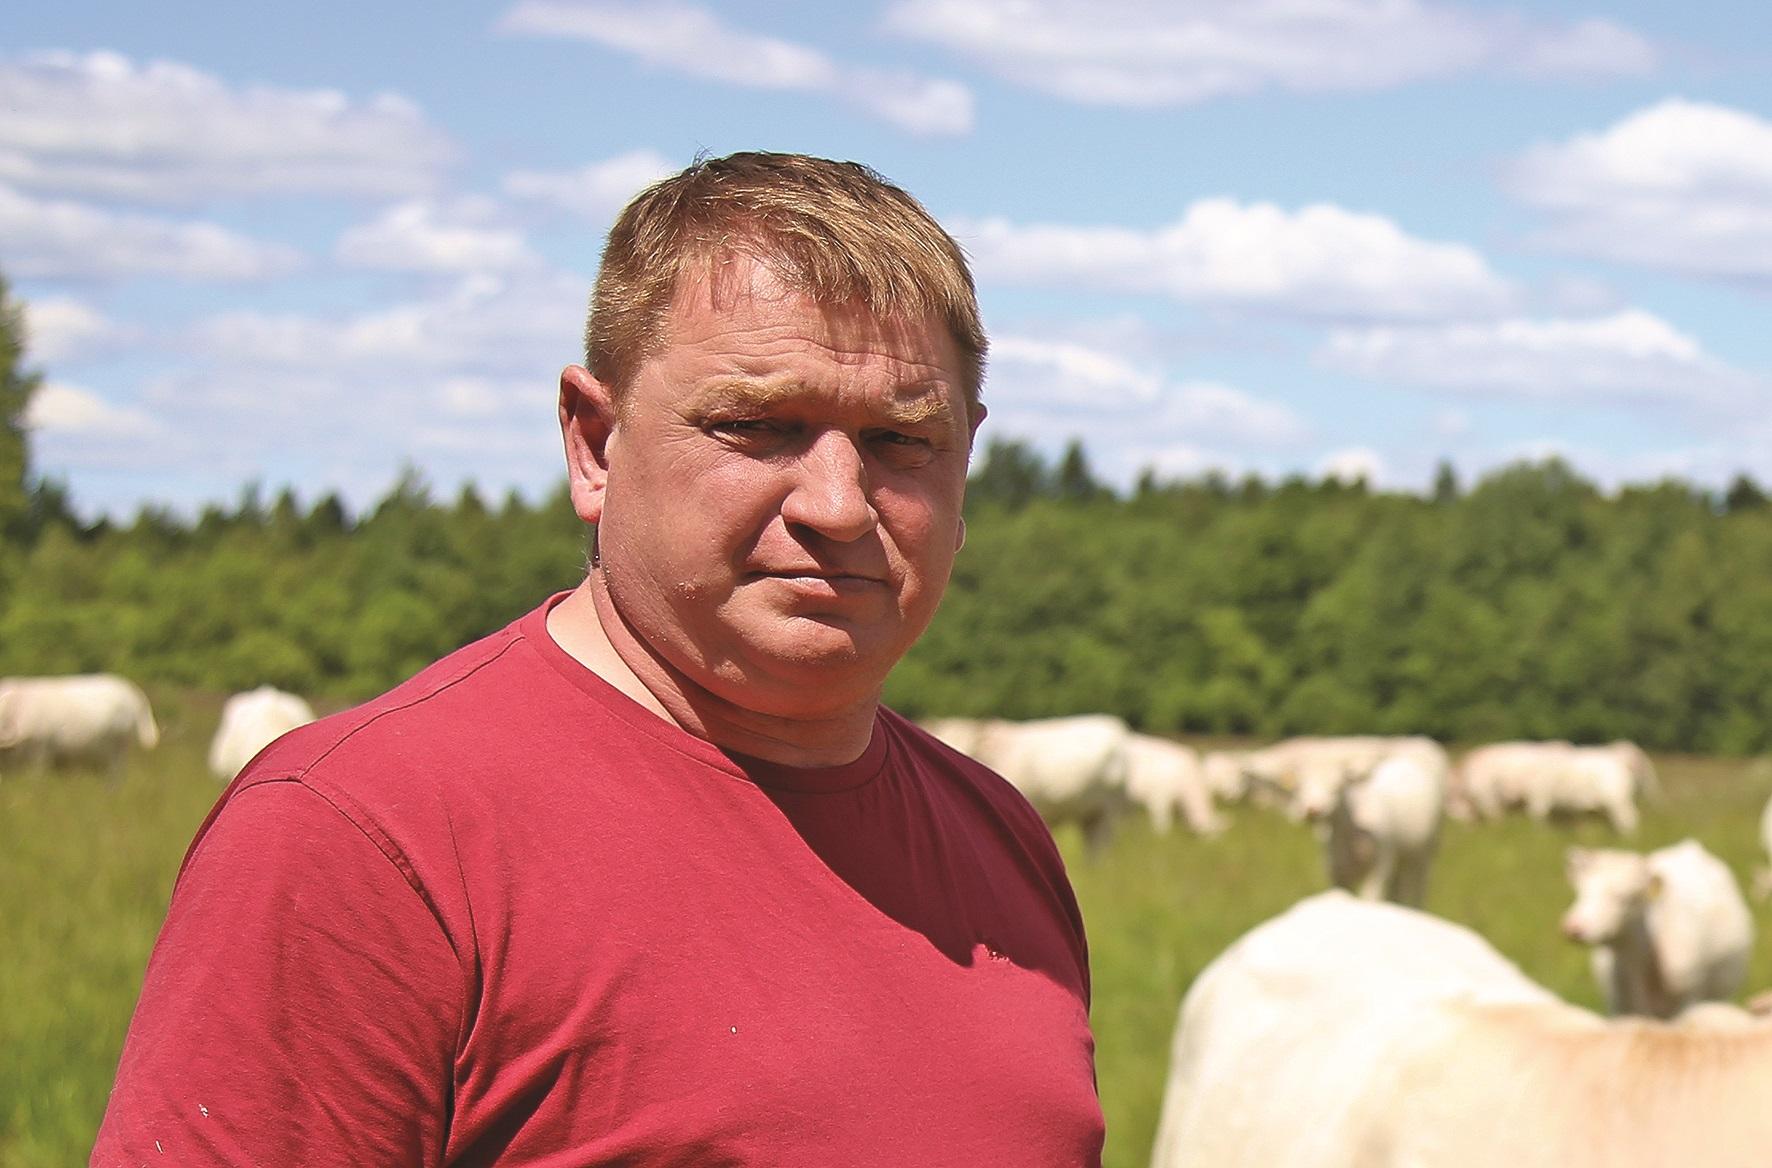 """Kėdainių krašto ūkininkų sąjungos pirmininkas Virmantas Ivanauskas sakė, kad nuo galingos liūties ir stipraus vėjo nukentėjo daugelis krašto ūkininkų. Giedrės Minelgaitės-Dautorės / """"Rinkos aikštės"""" archyvo nuotr."""